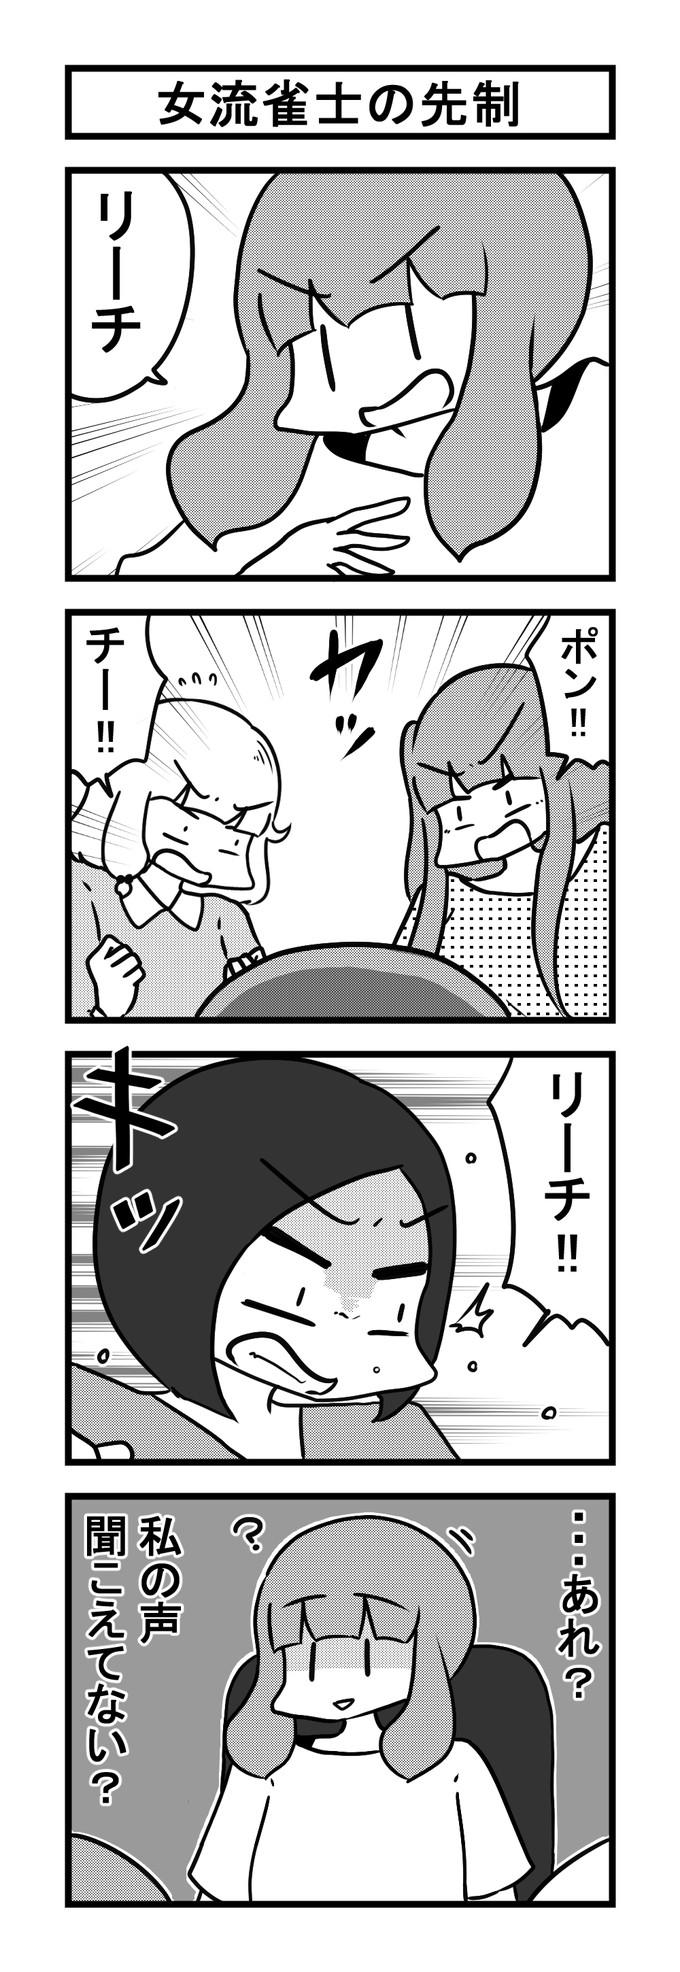 1107女流雀士の先制-min-1